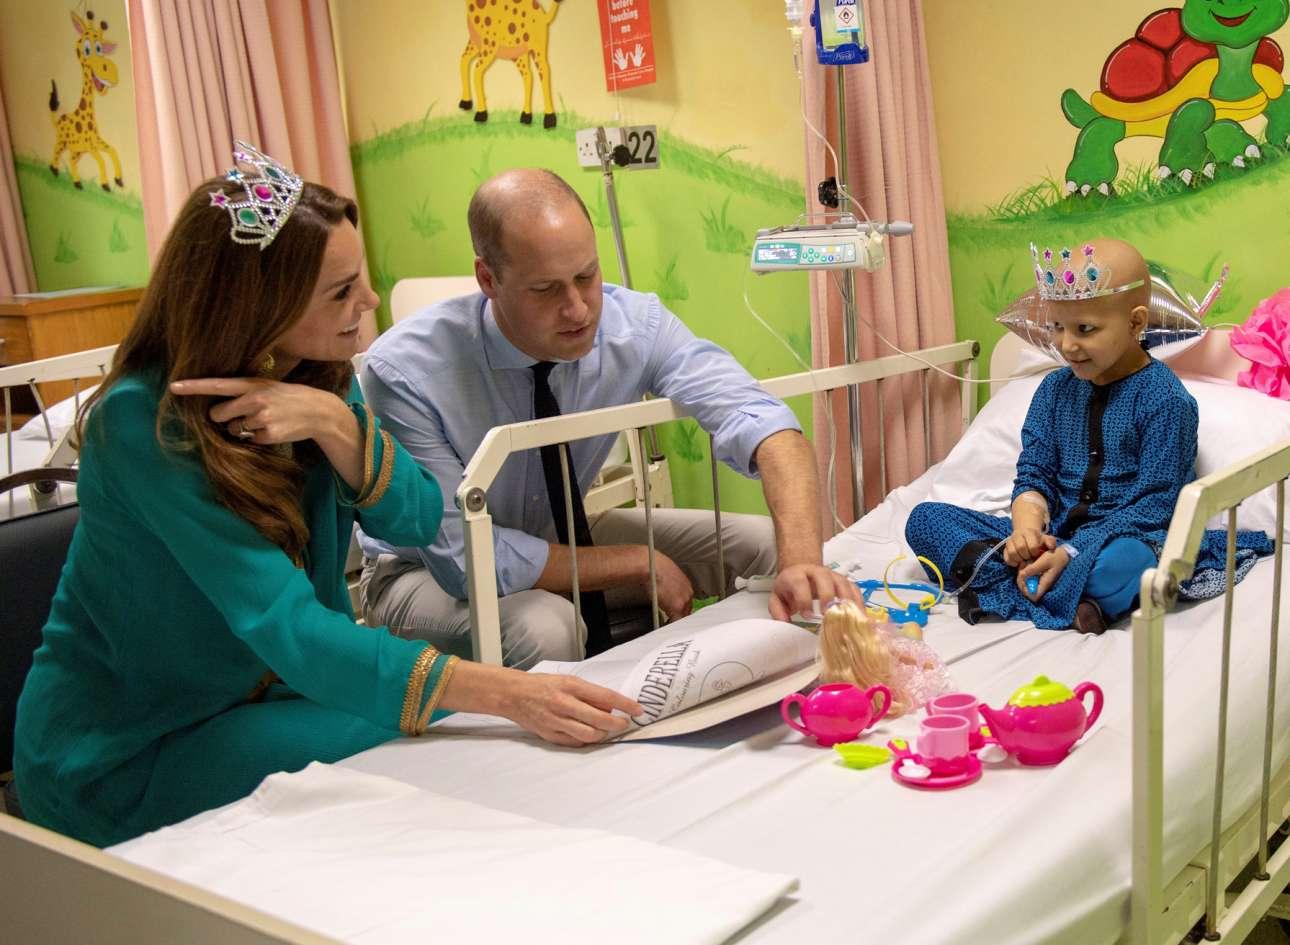 Το άρρωστο παιδάκι είχε επισκέψεις στο κρεβάτι του πόνου του: το αντικαρκινικό νοσοκομείο της Λαχώρης (Πακιστάν) επισκέφθηκαν ο Γουίλιαμ και η Κέιτ, το βρετανικό πριγκιπικό ζεύγος